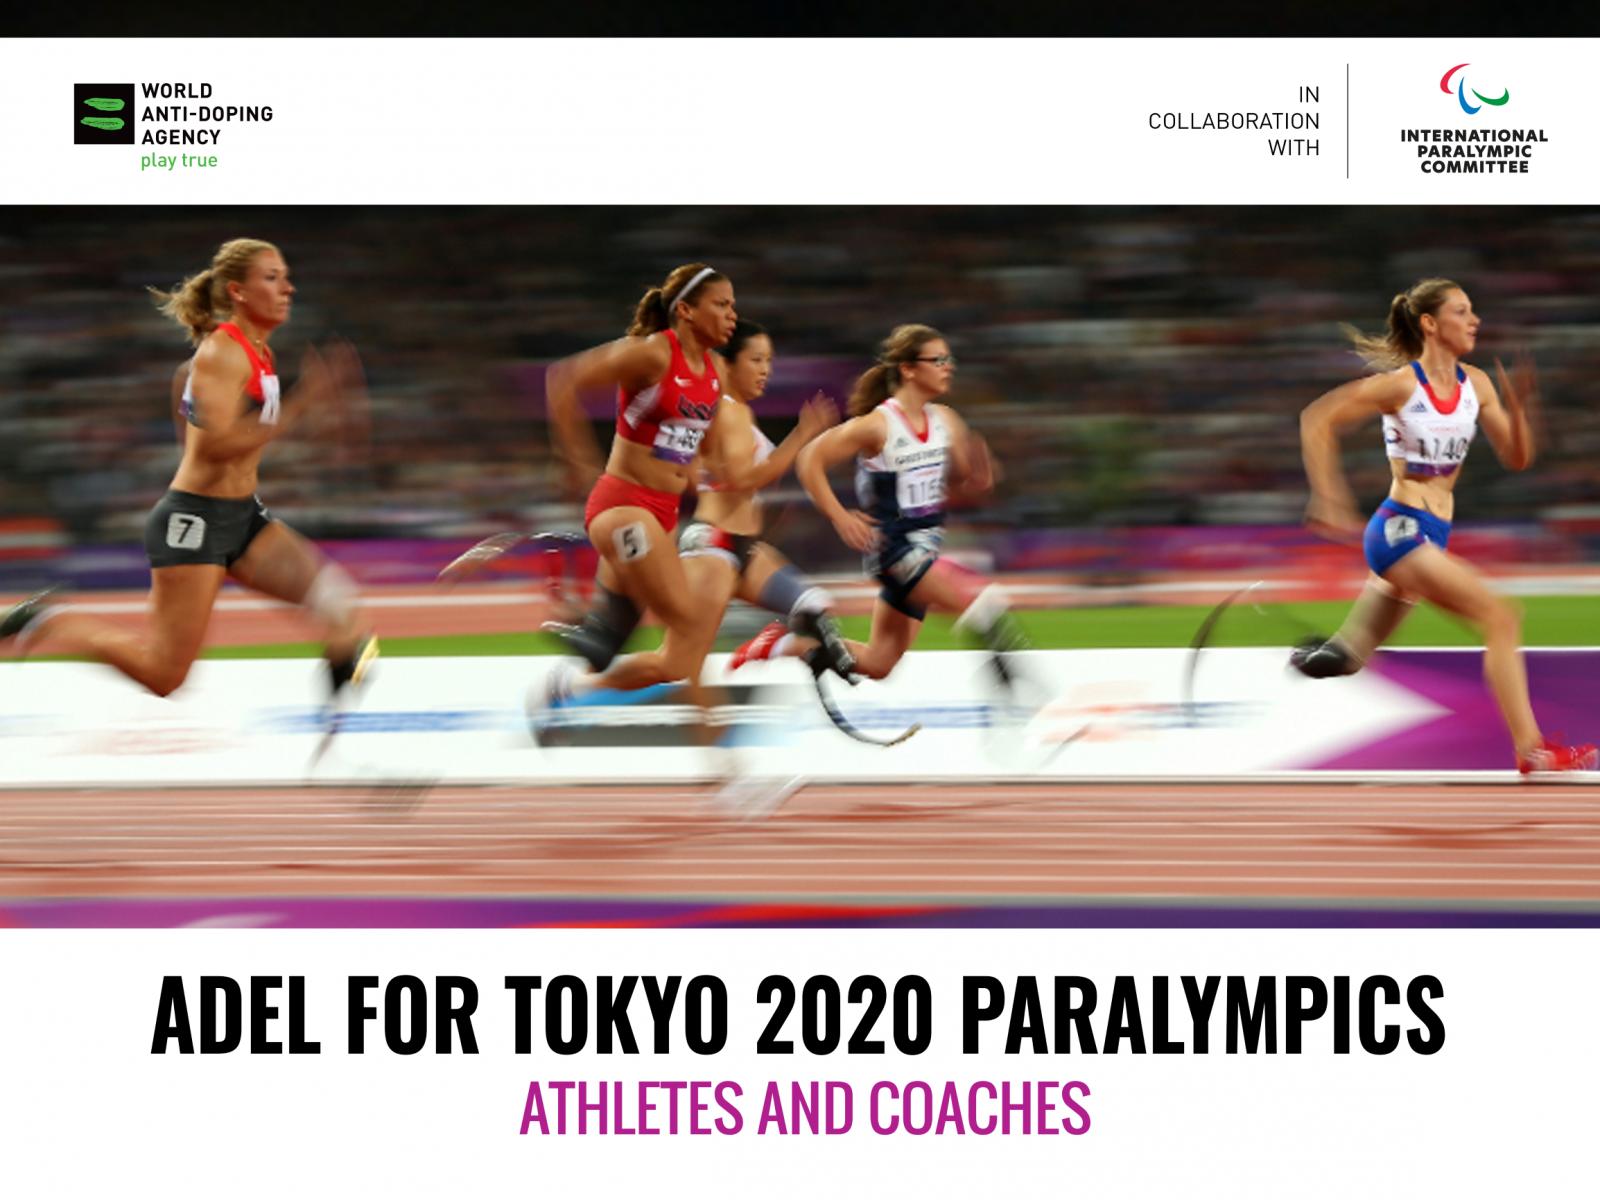 ВАДА совместно с МПК запускает новый онлайн-курс для спортсменов, тренеров и сопровождающего персонала спортсменов – кандидатов на участие в XVI Паралимпийских летних играх г. Токио (Япония)